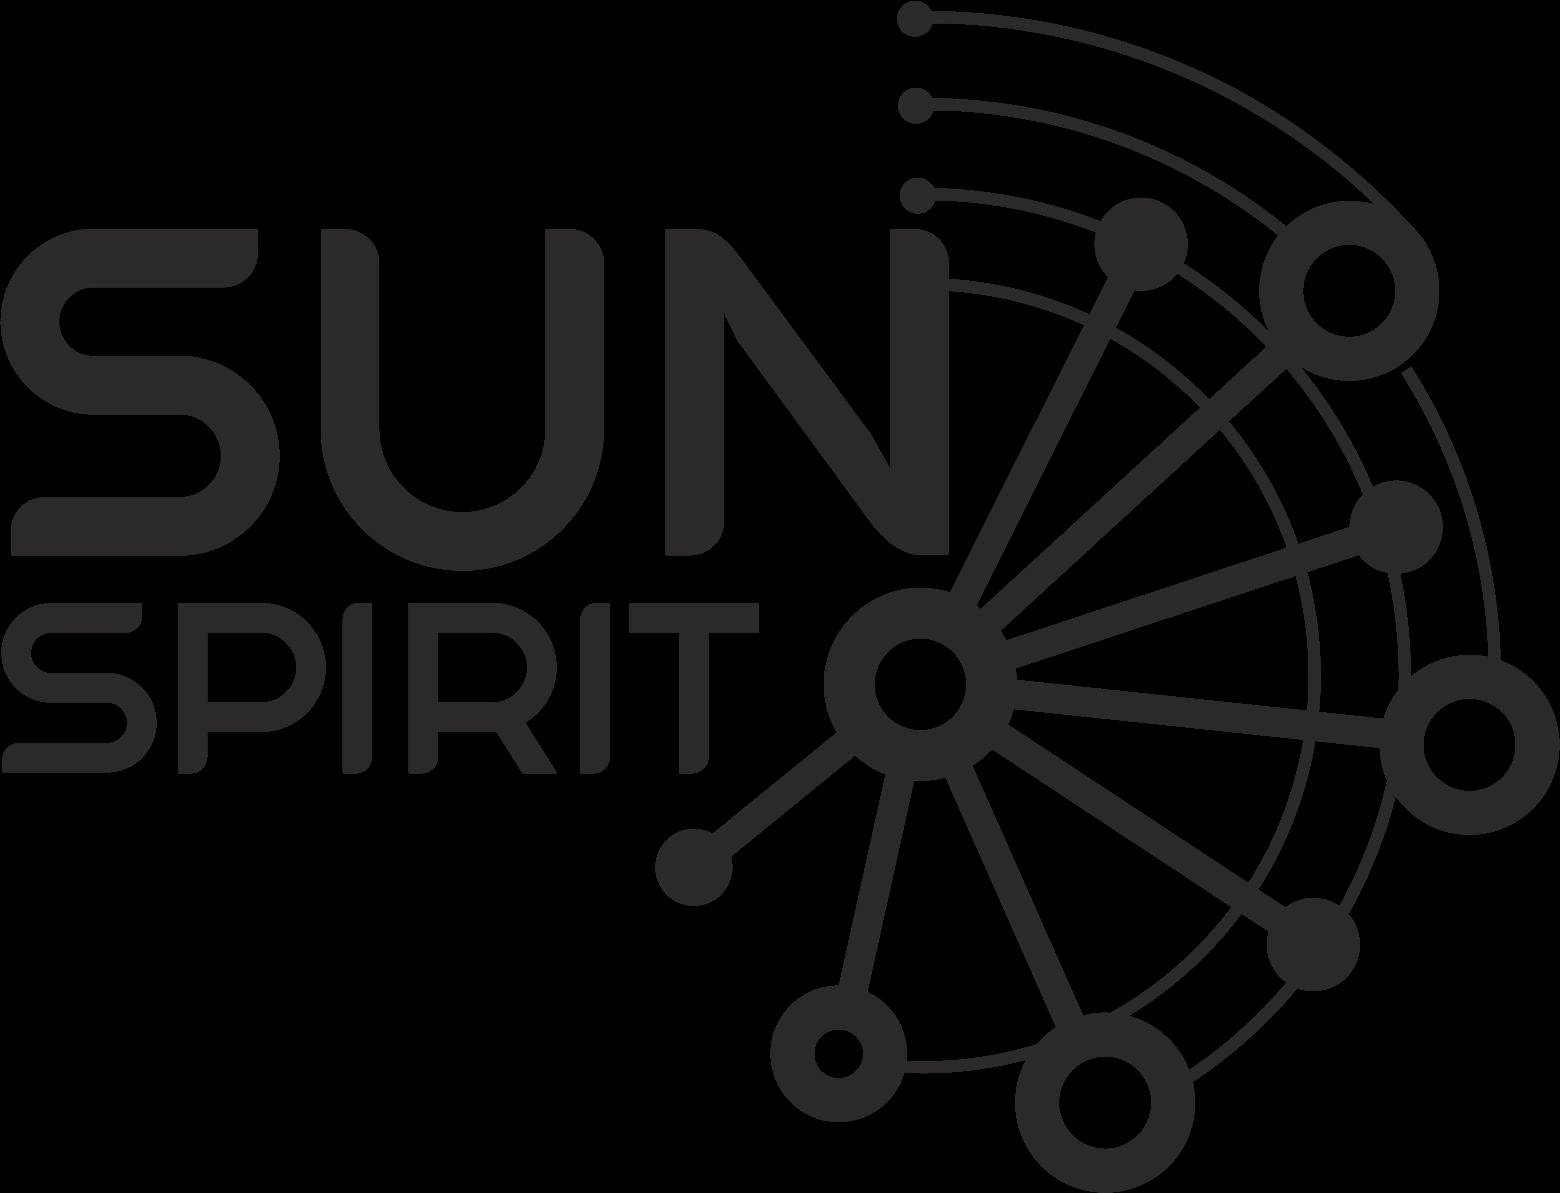 Sun Spirit Festival Group